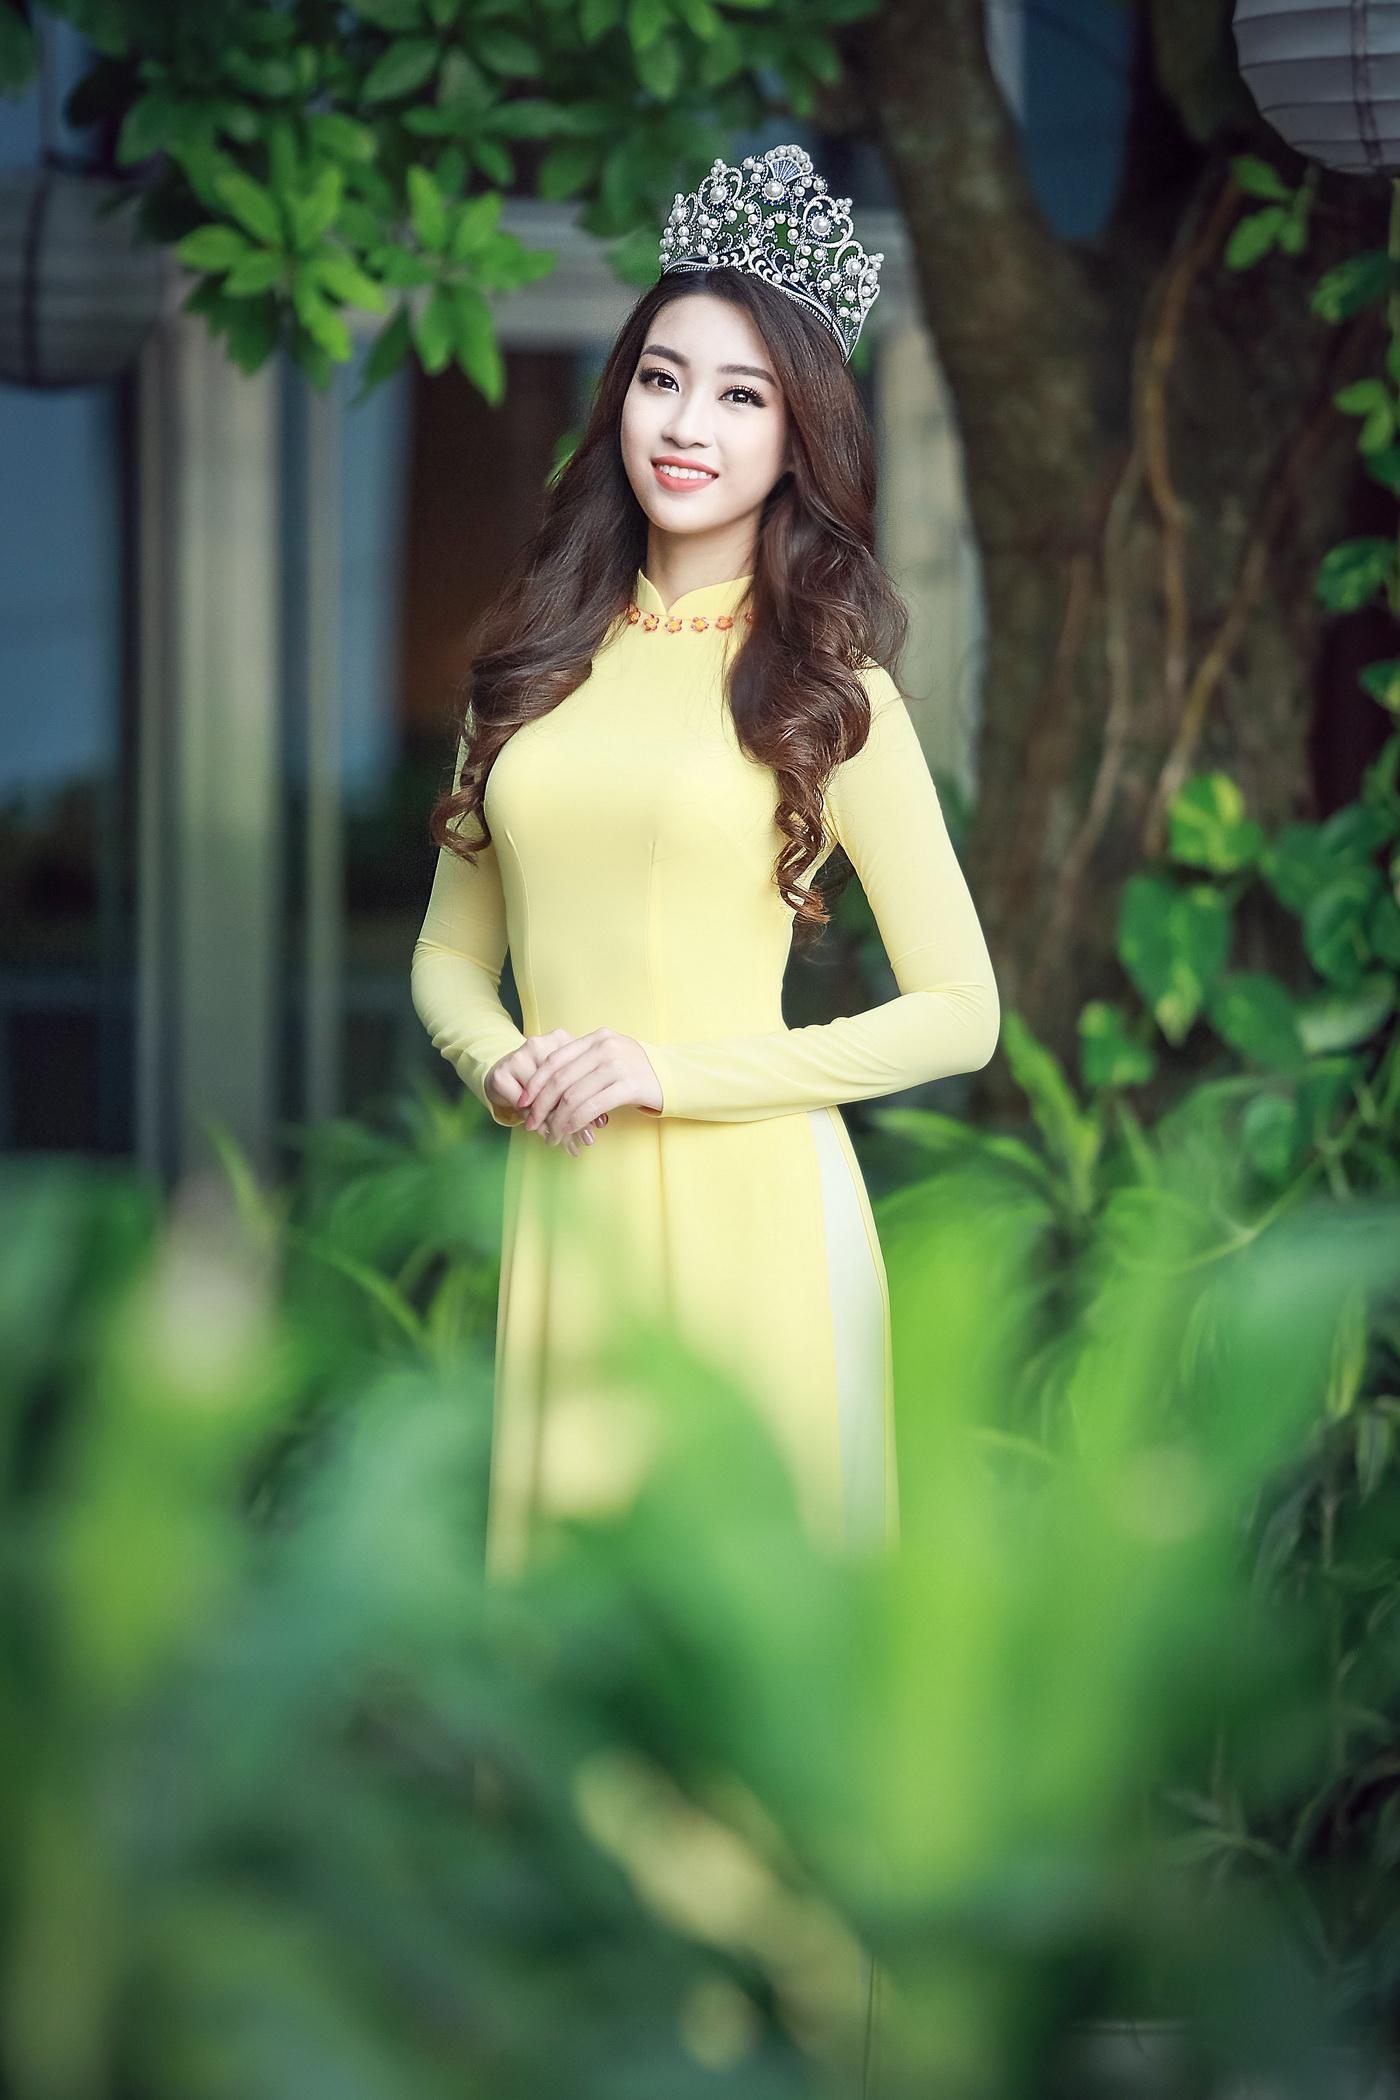 Hoa hậu Mỹ Linh tỏa sáng trong tà áo dài vàng tại sự kiện 6